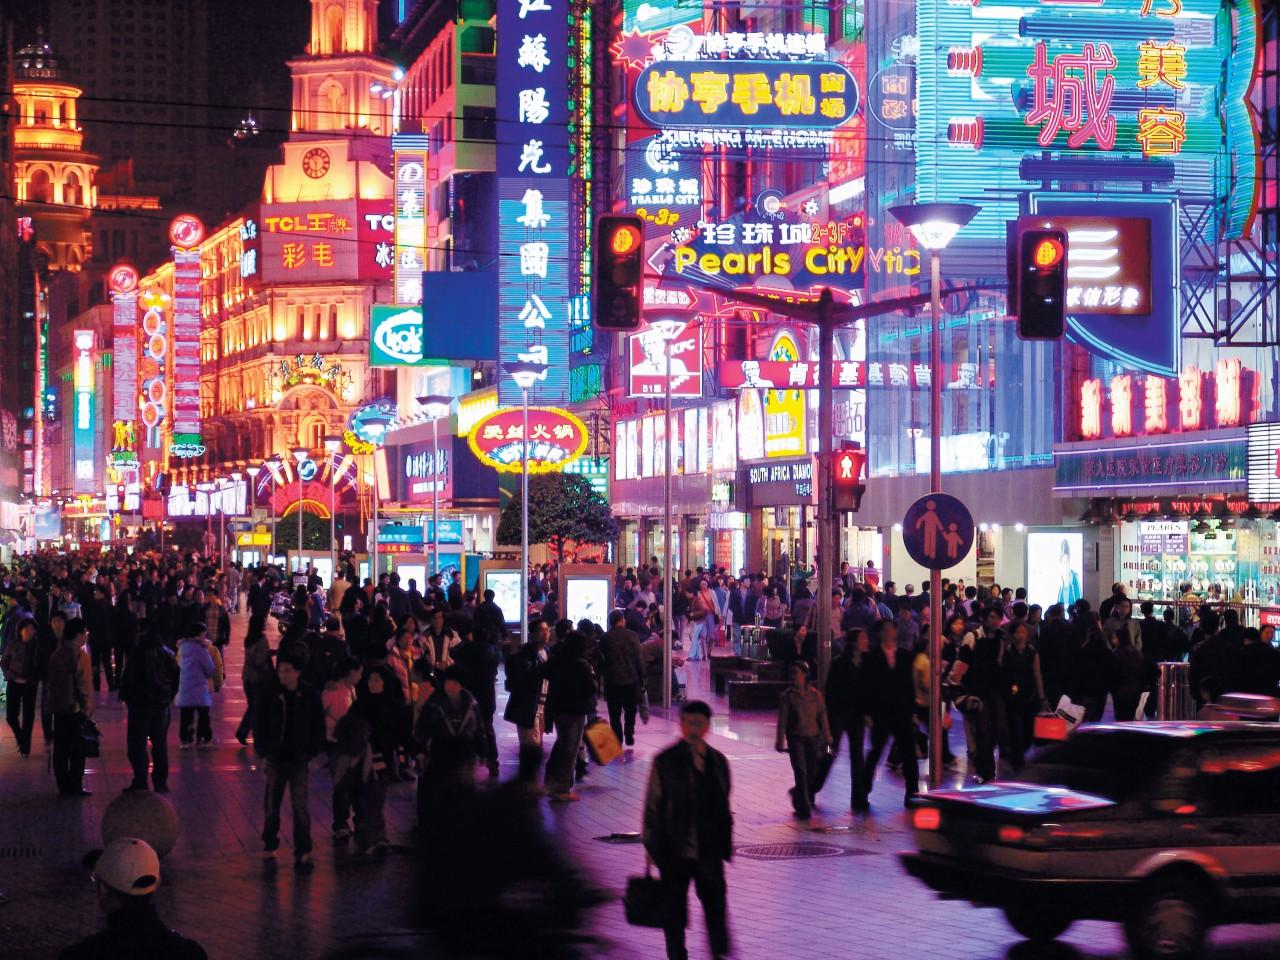 La calle Nanjing explota de enseñas luminosas multicolores desde el anochecer de la noche.